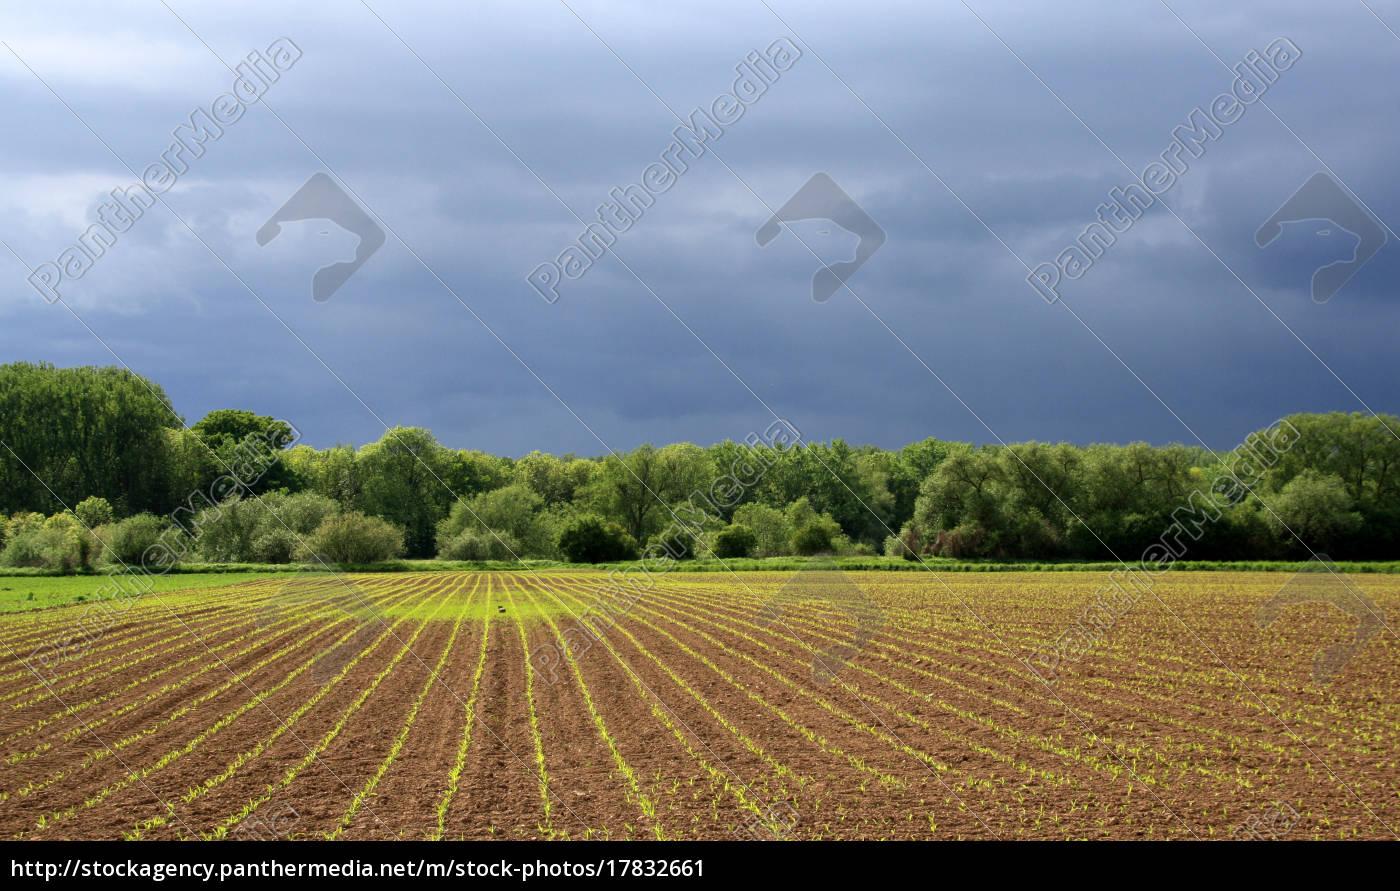 majowy, deszcz, przynosi, błogosławieństwa - 17832661